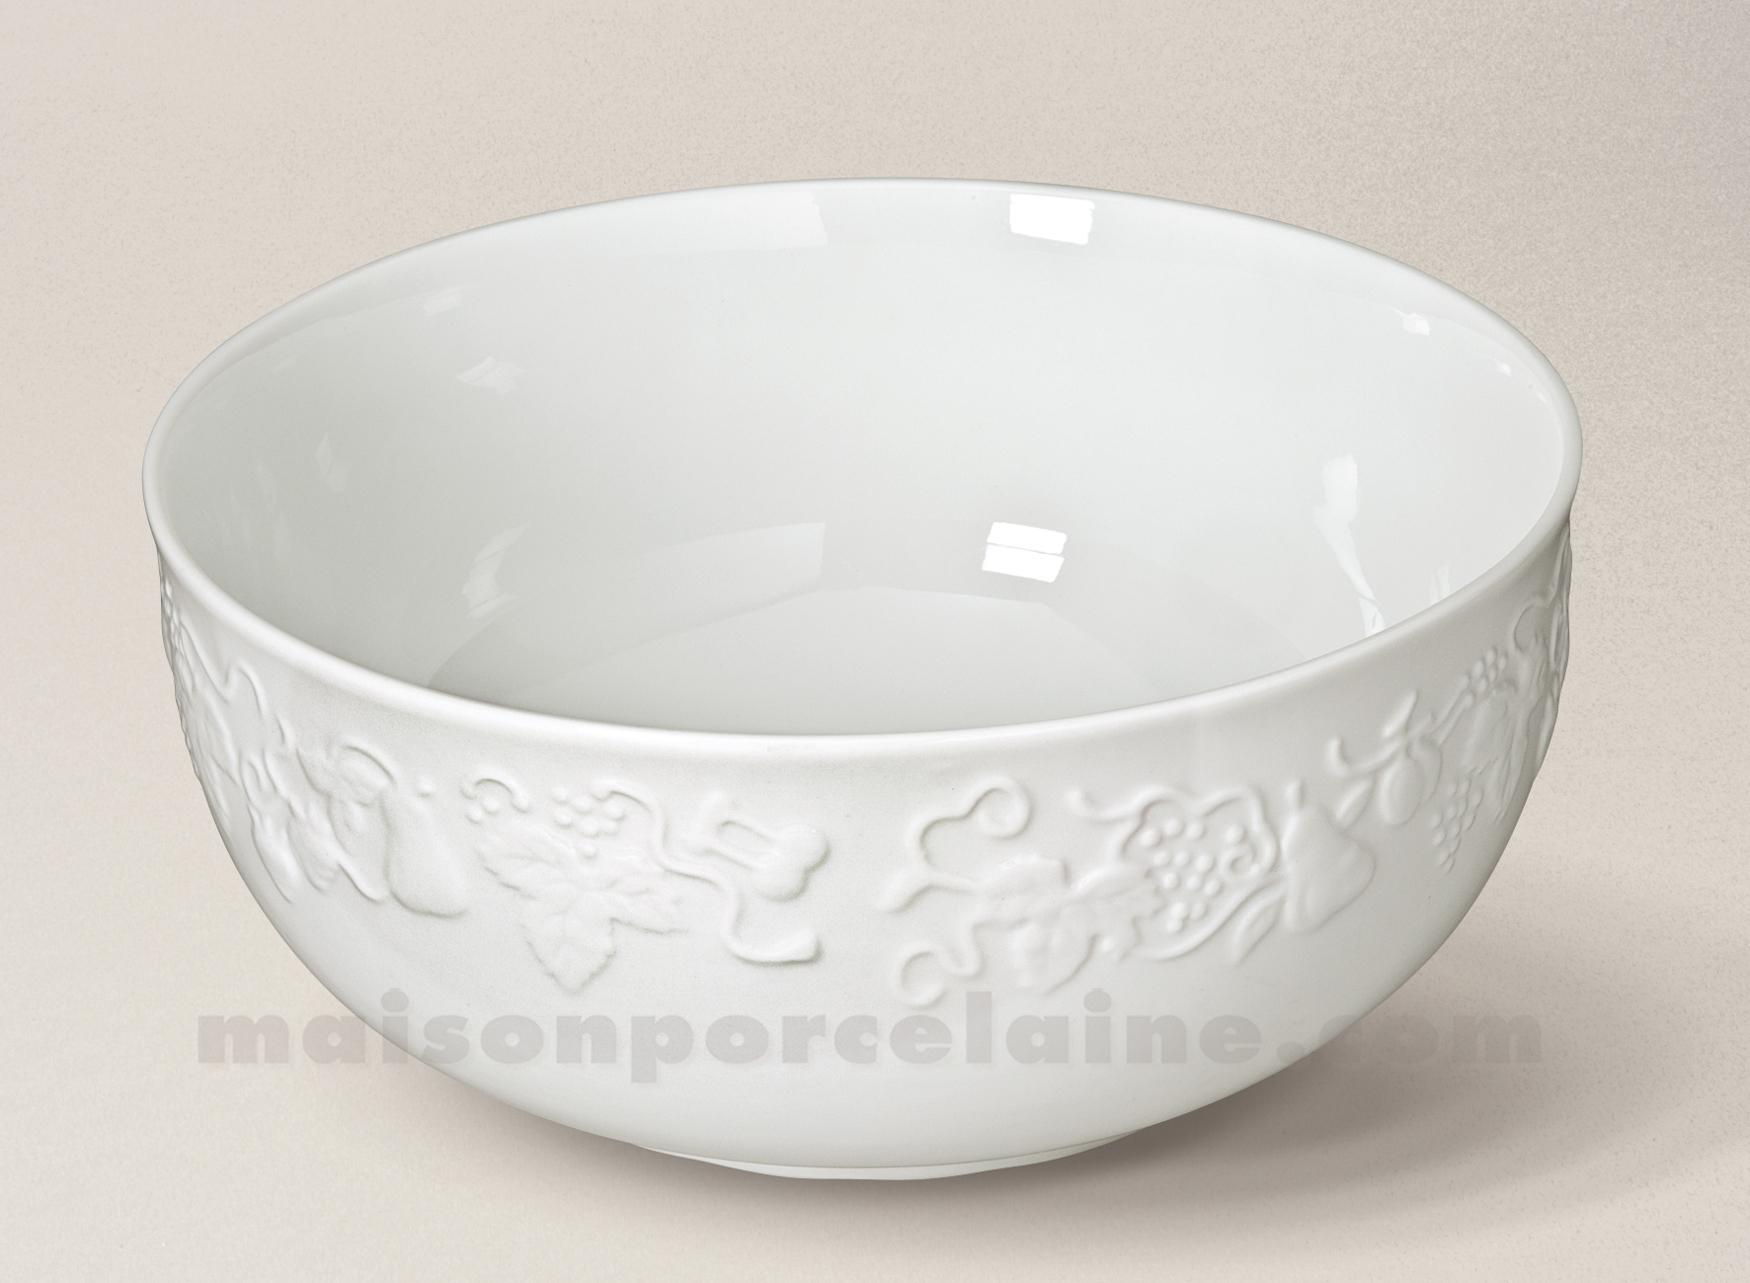 saladier california limoges porcelaine blanche service d24 maison de la porcelaine. Black Bedroom Furniture Sets. Home Design Ideas